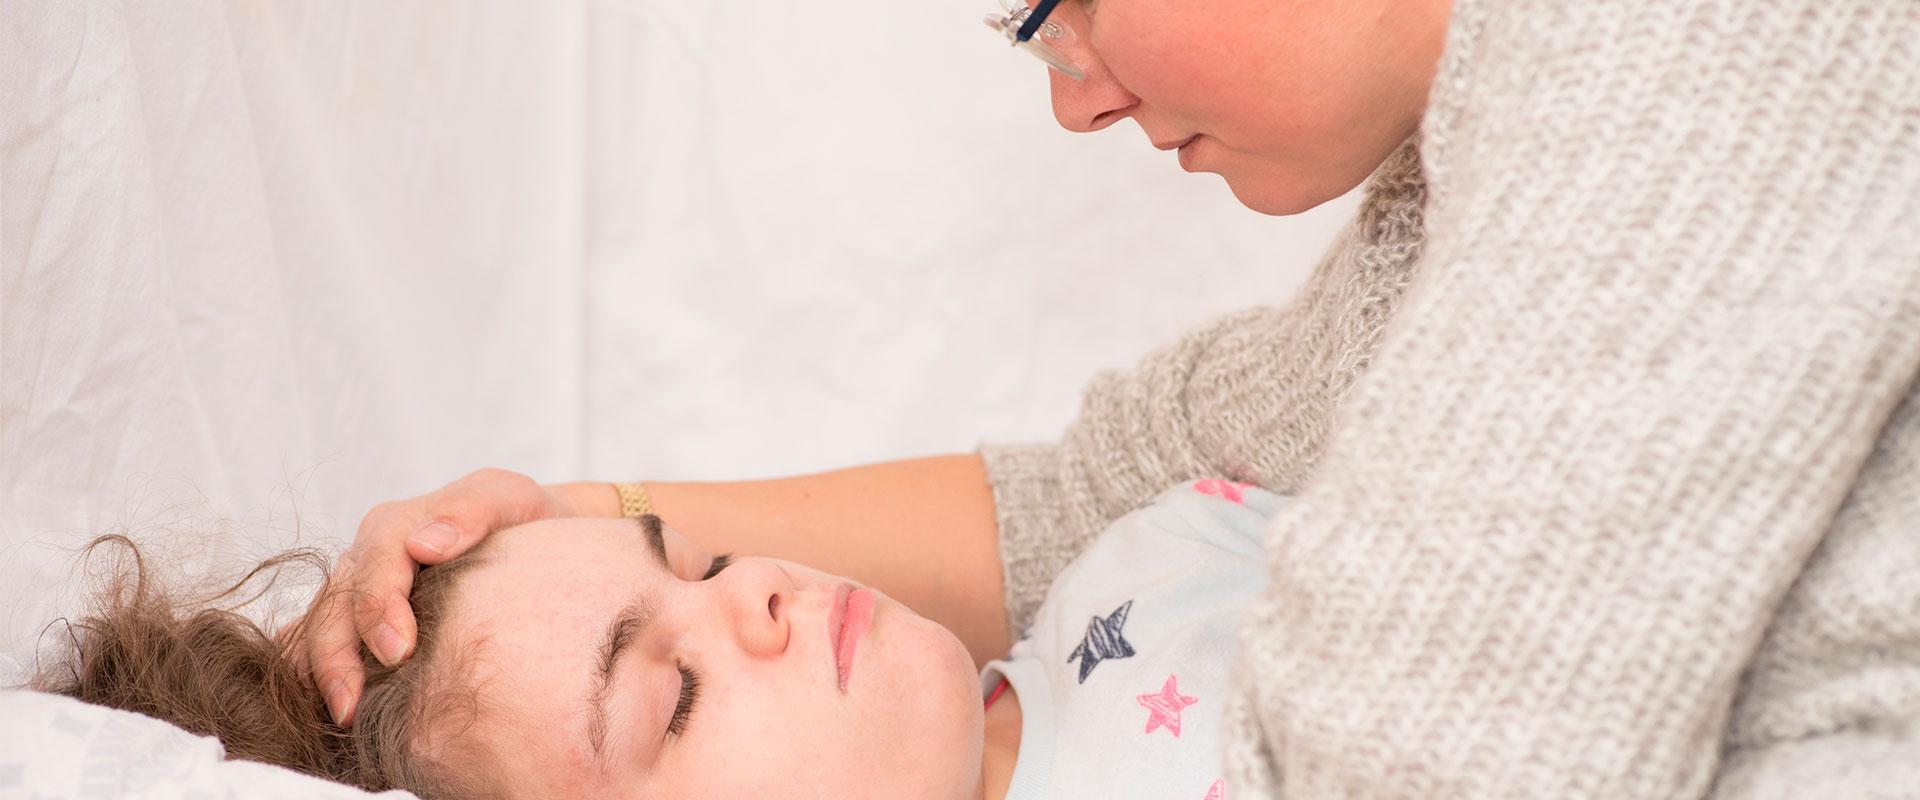 Mamá tranquilizando a su hija por un episodio de epilepsia nocturna.